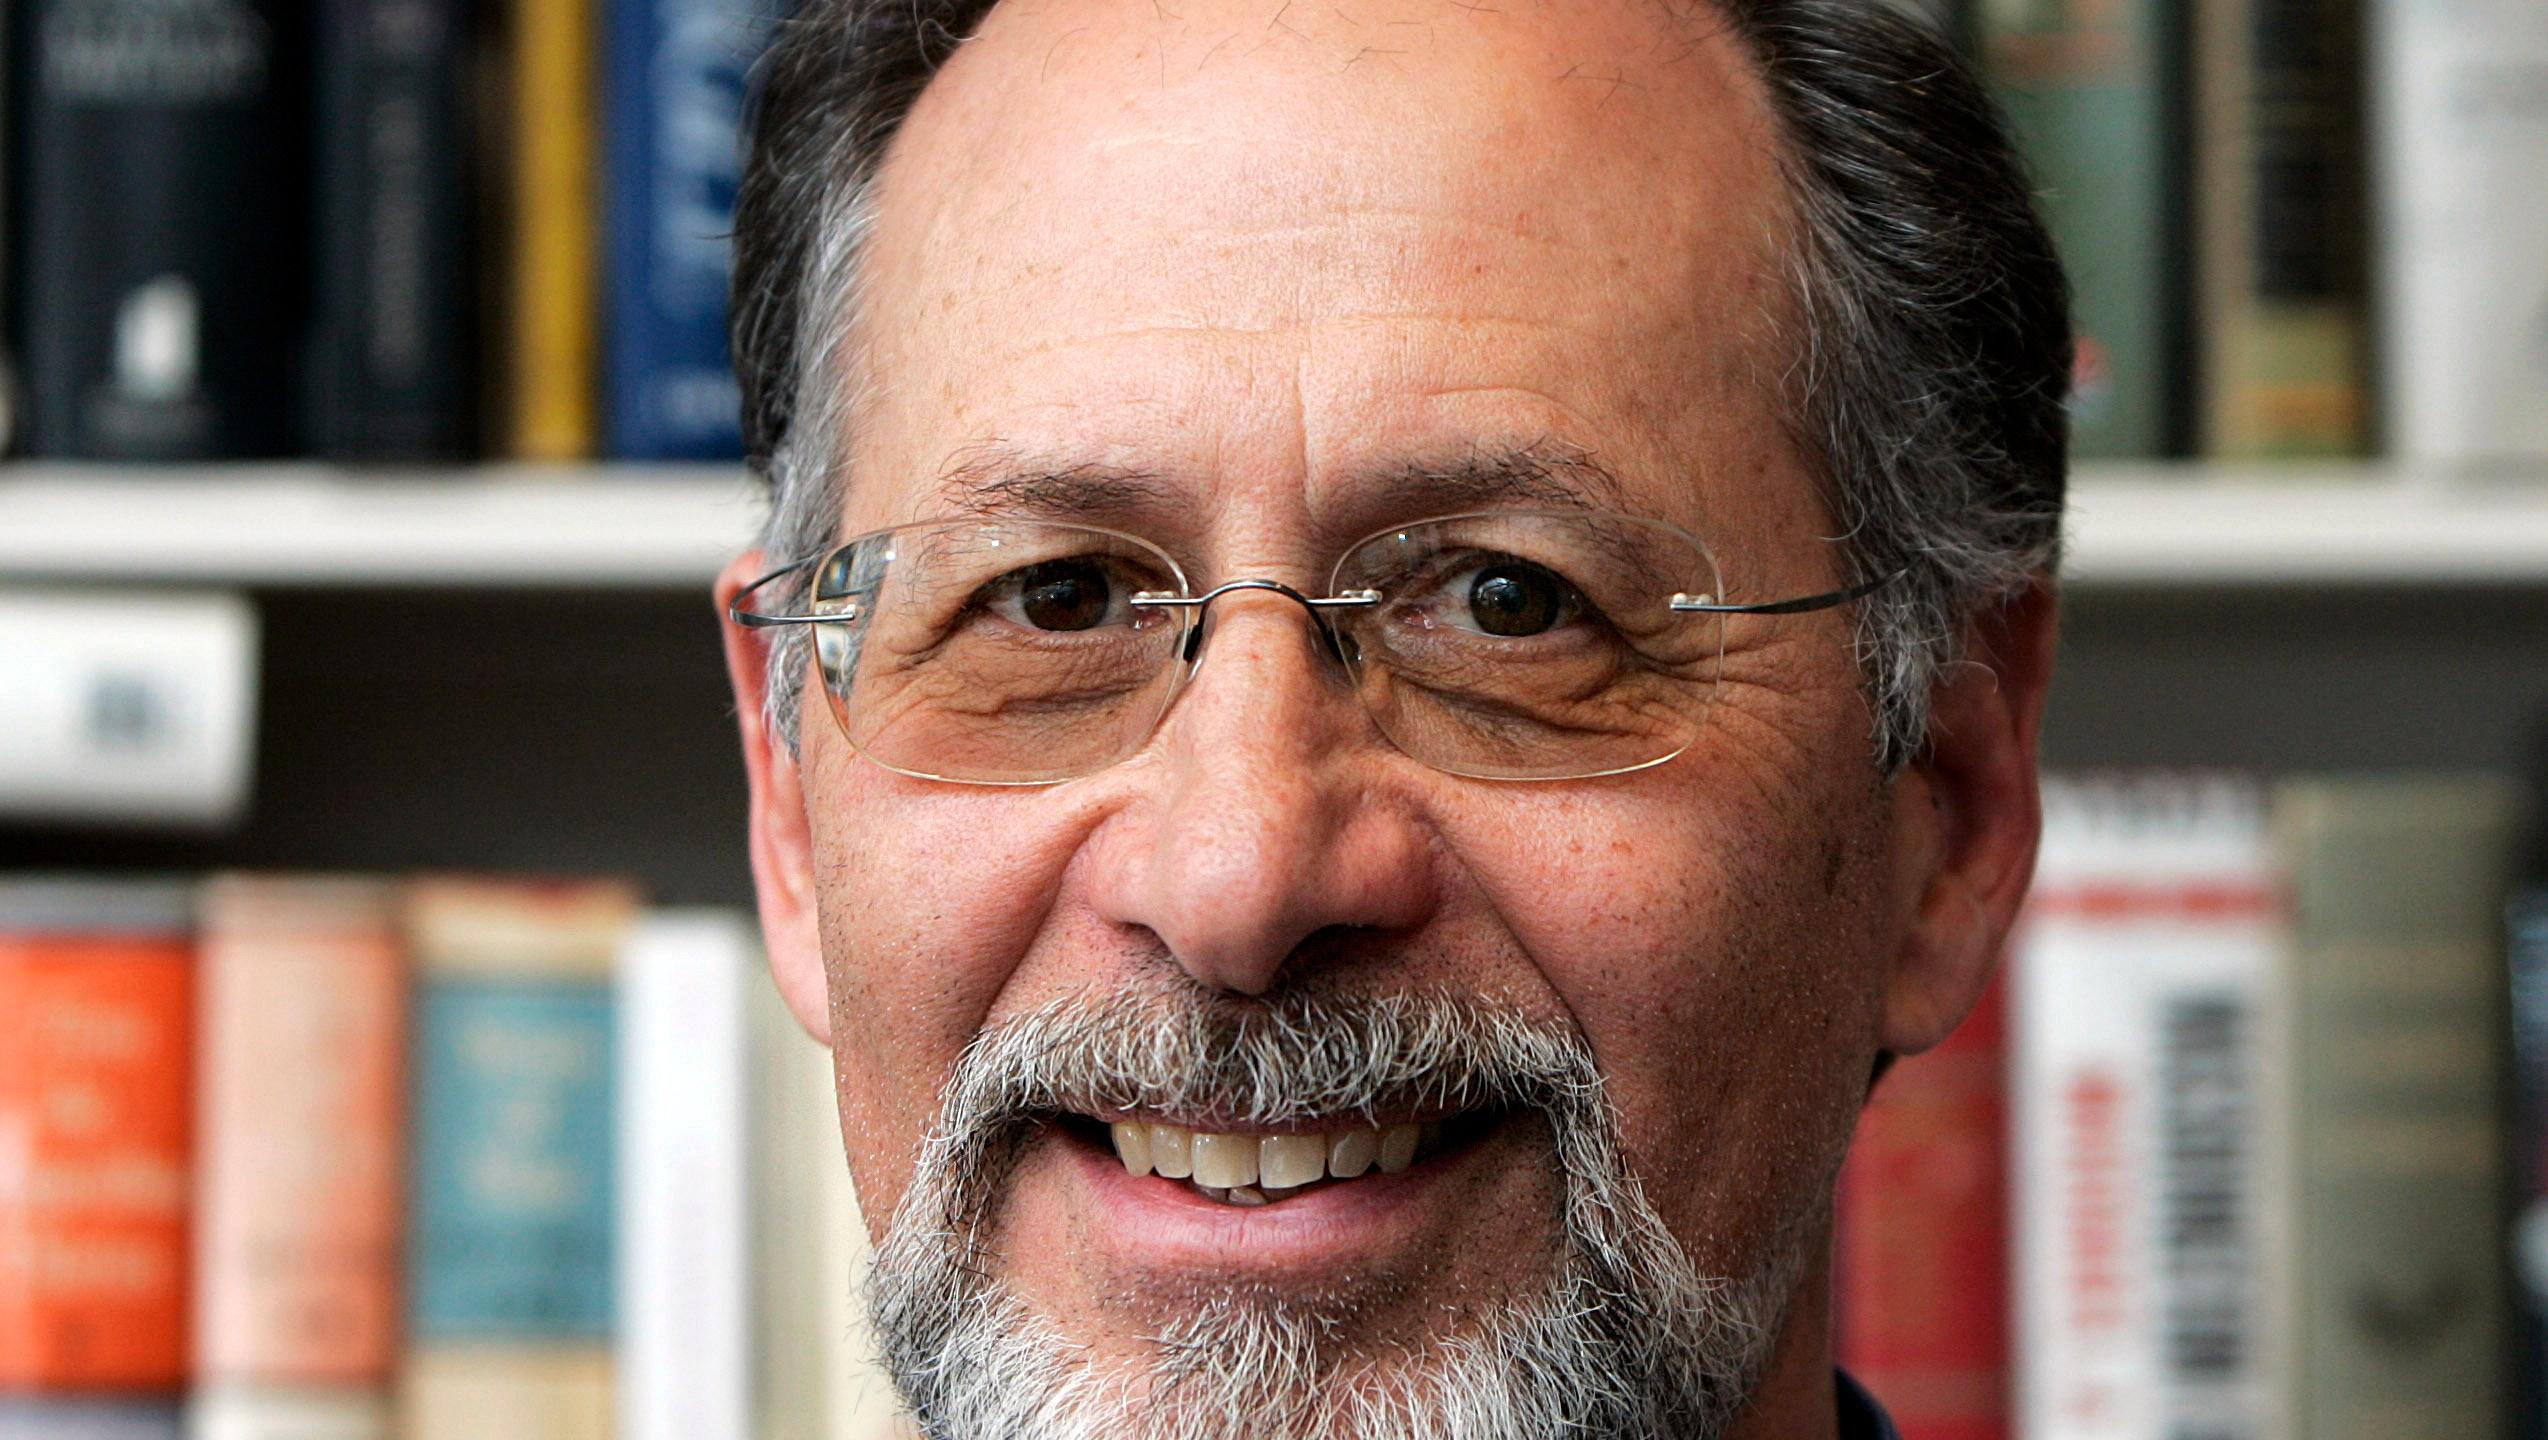 Martin J. Sherwin